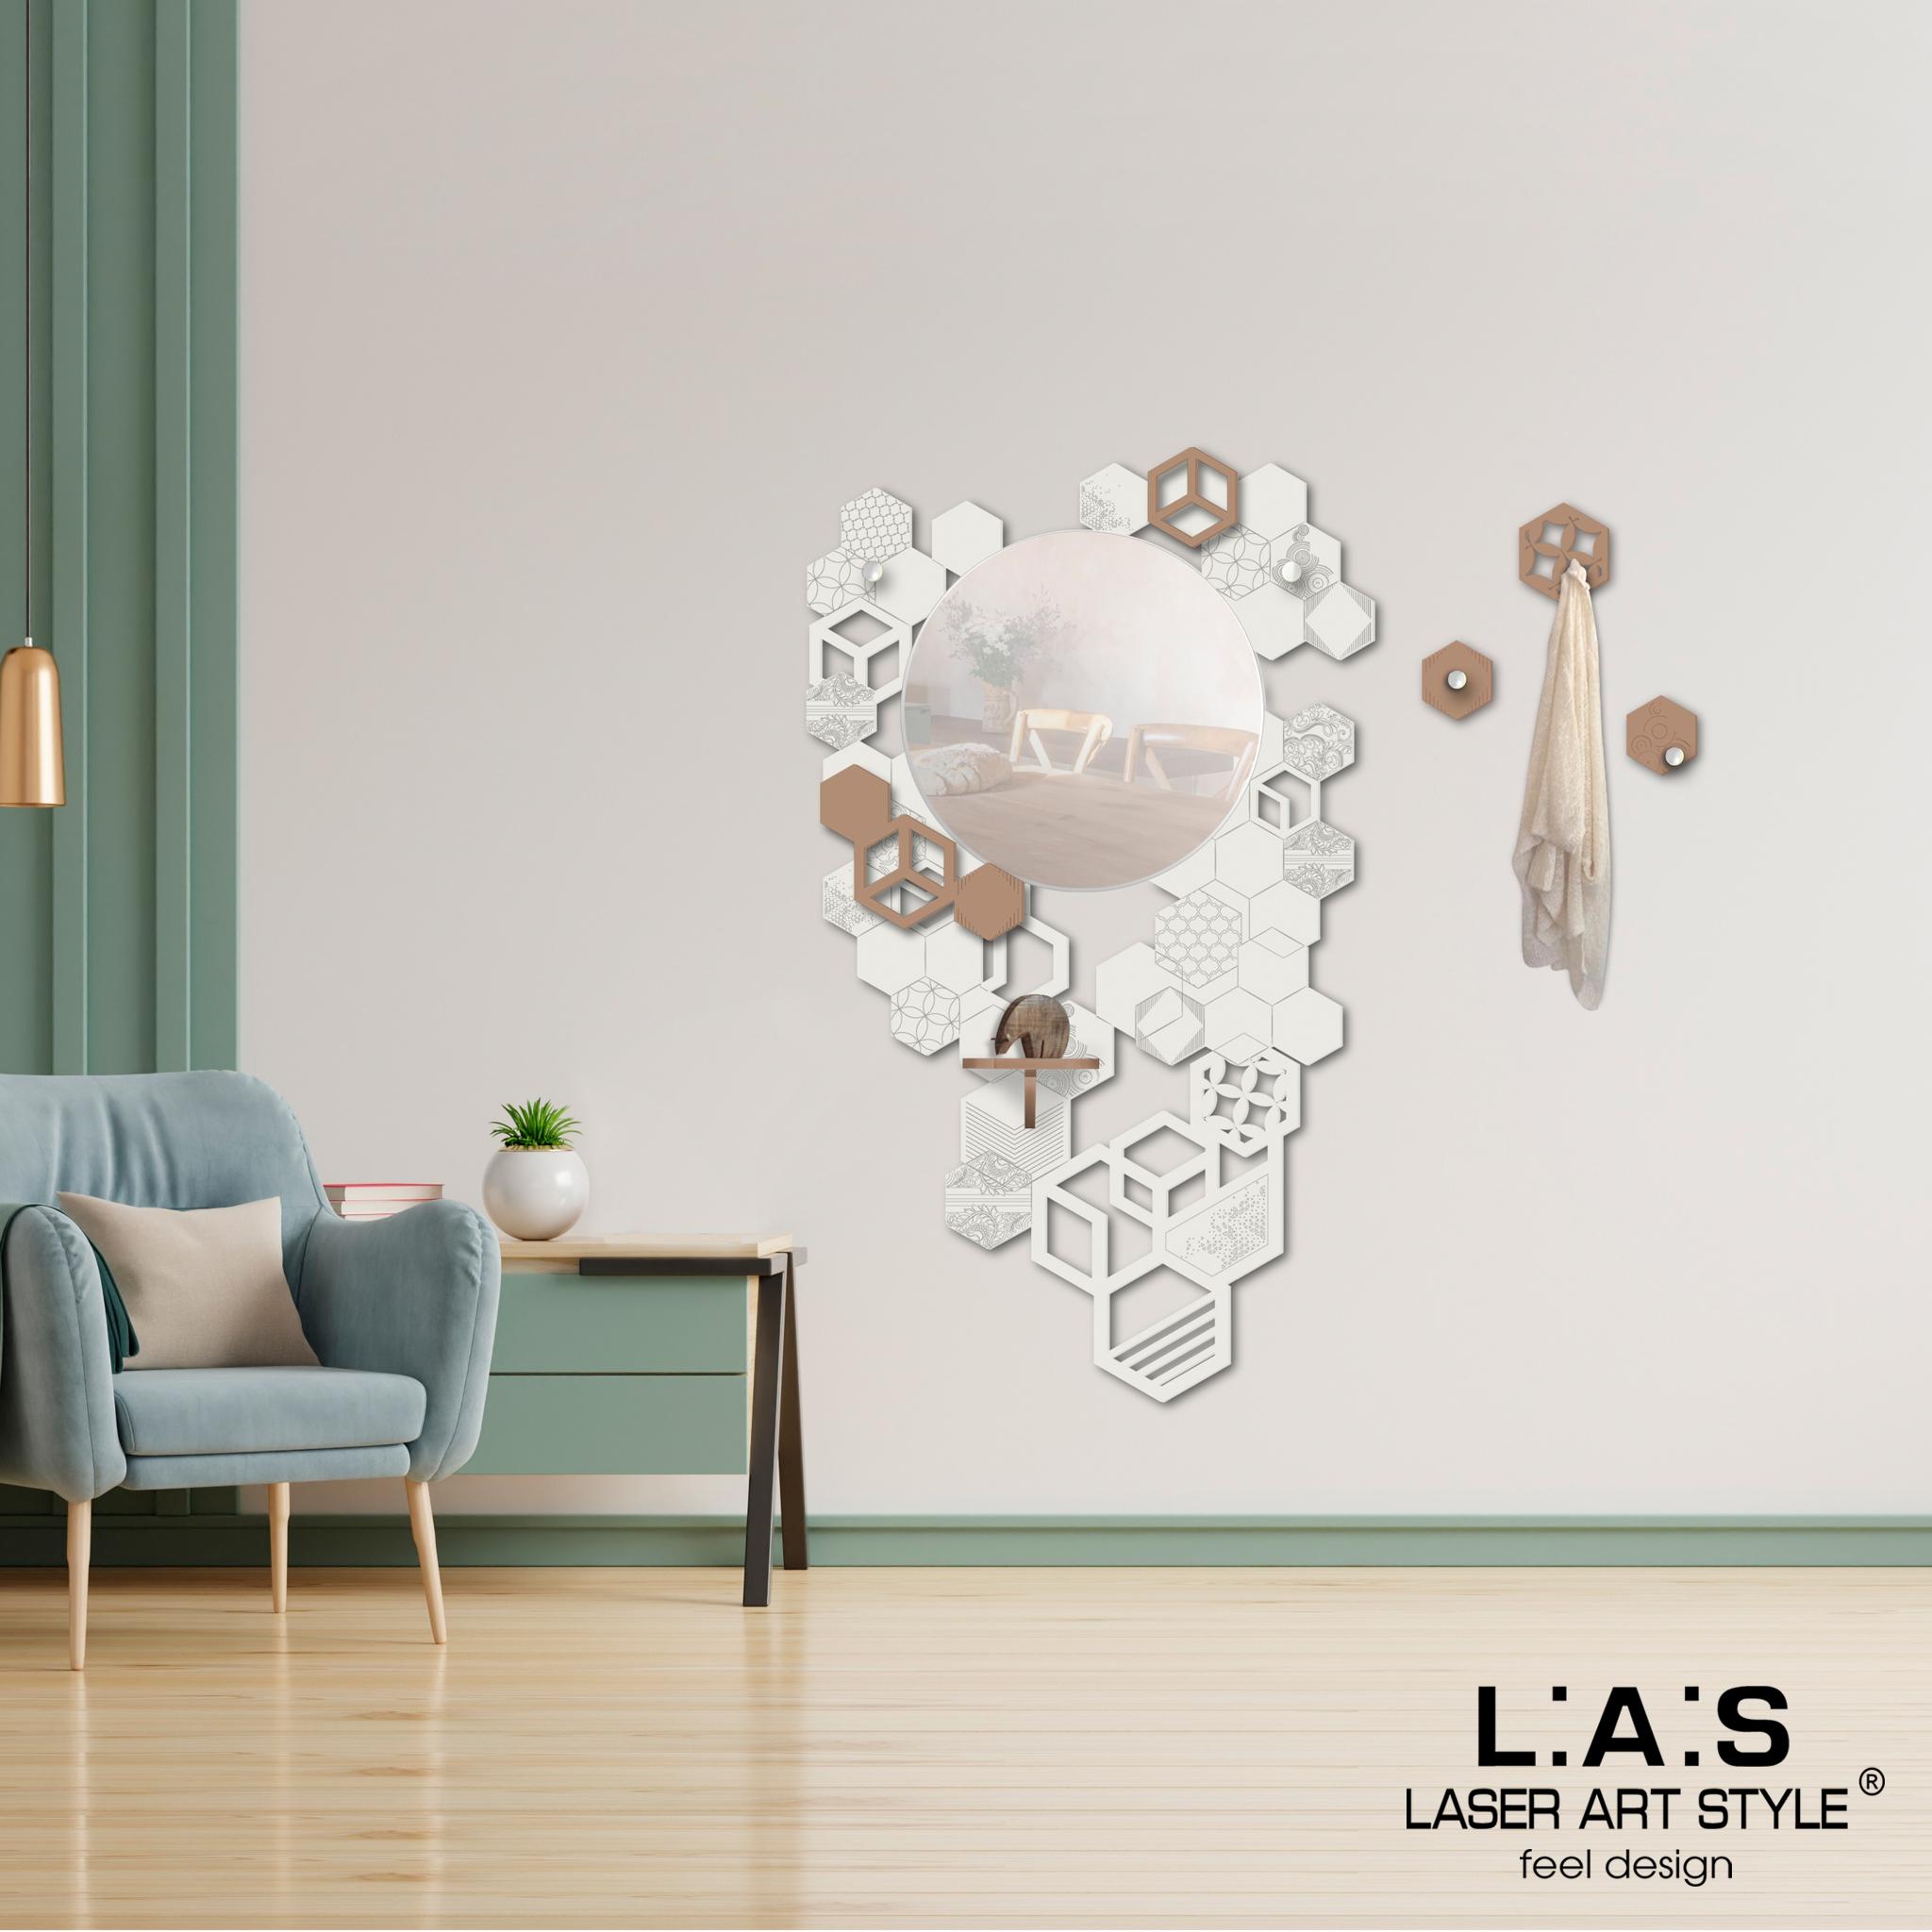 L:A:S - Laser Art Style - SPECCHIERA-MENSOLA-APPENDIABITI- ESAGONI- SI-315 PANNA-NOCCIOLA